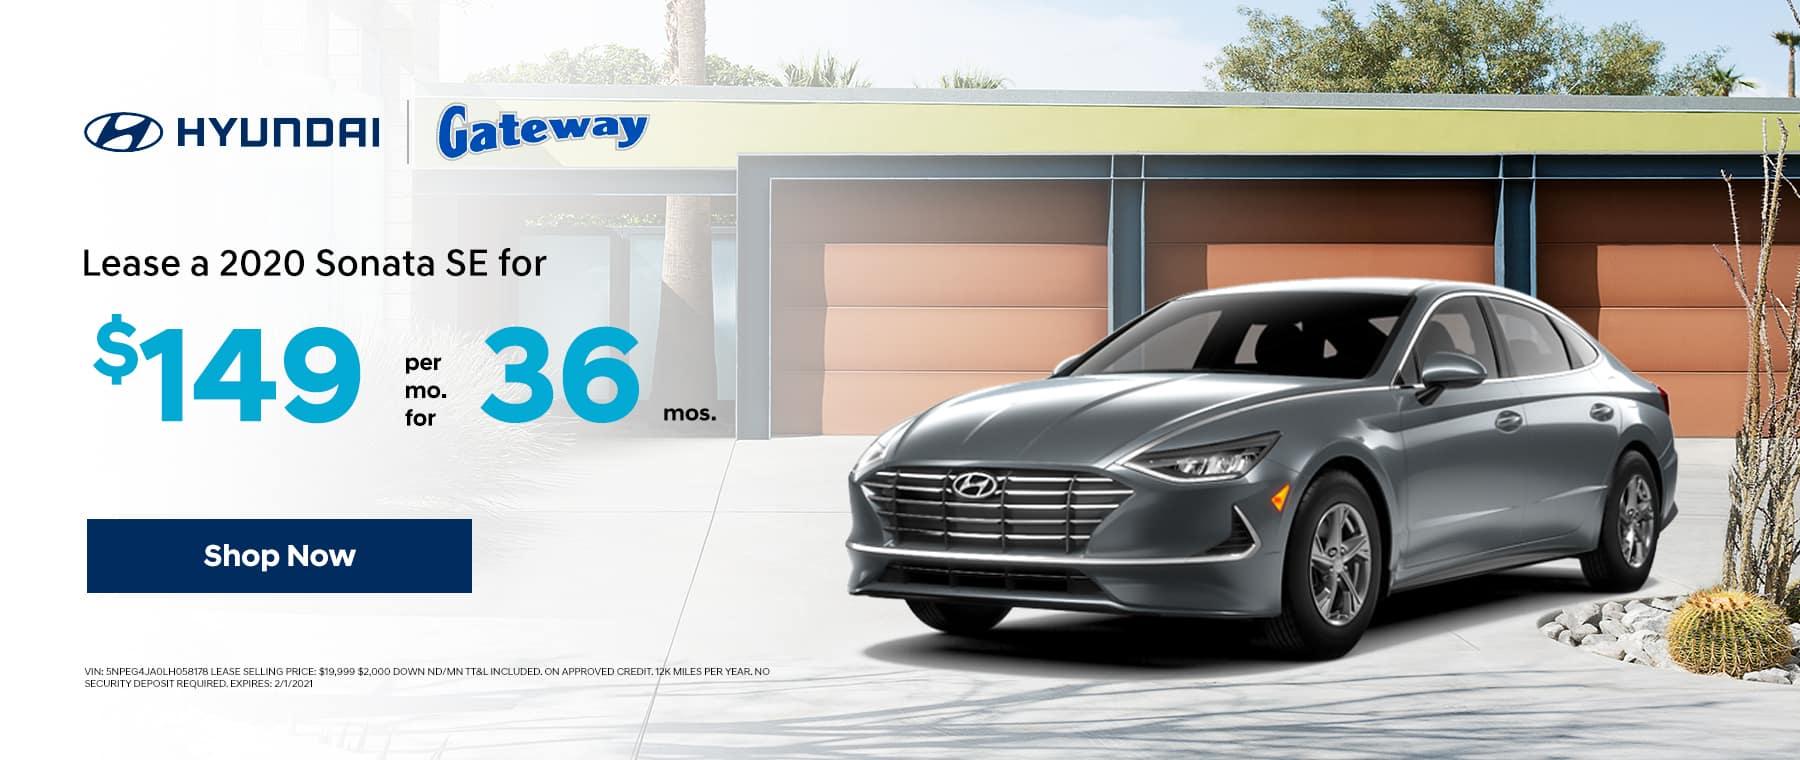 GatewayAutomotive_SL_0220_1800x760 (32)